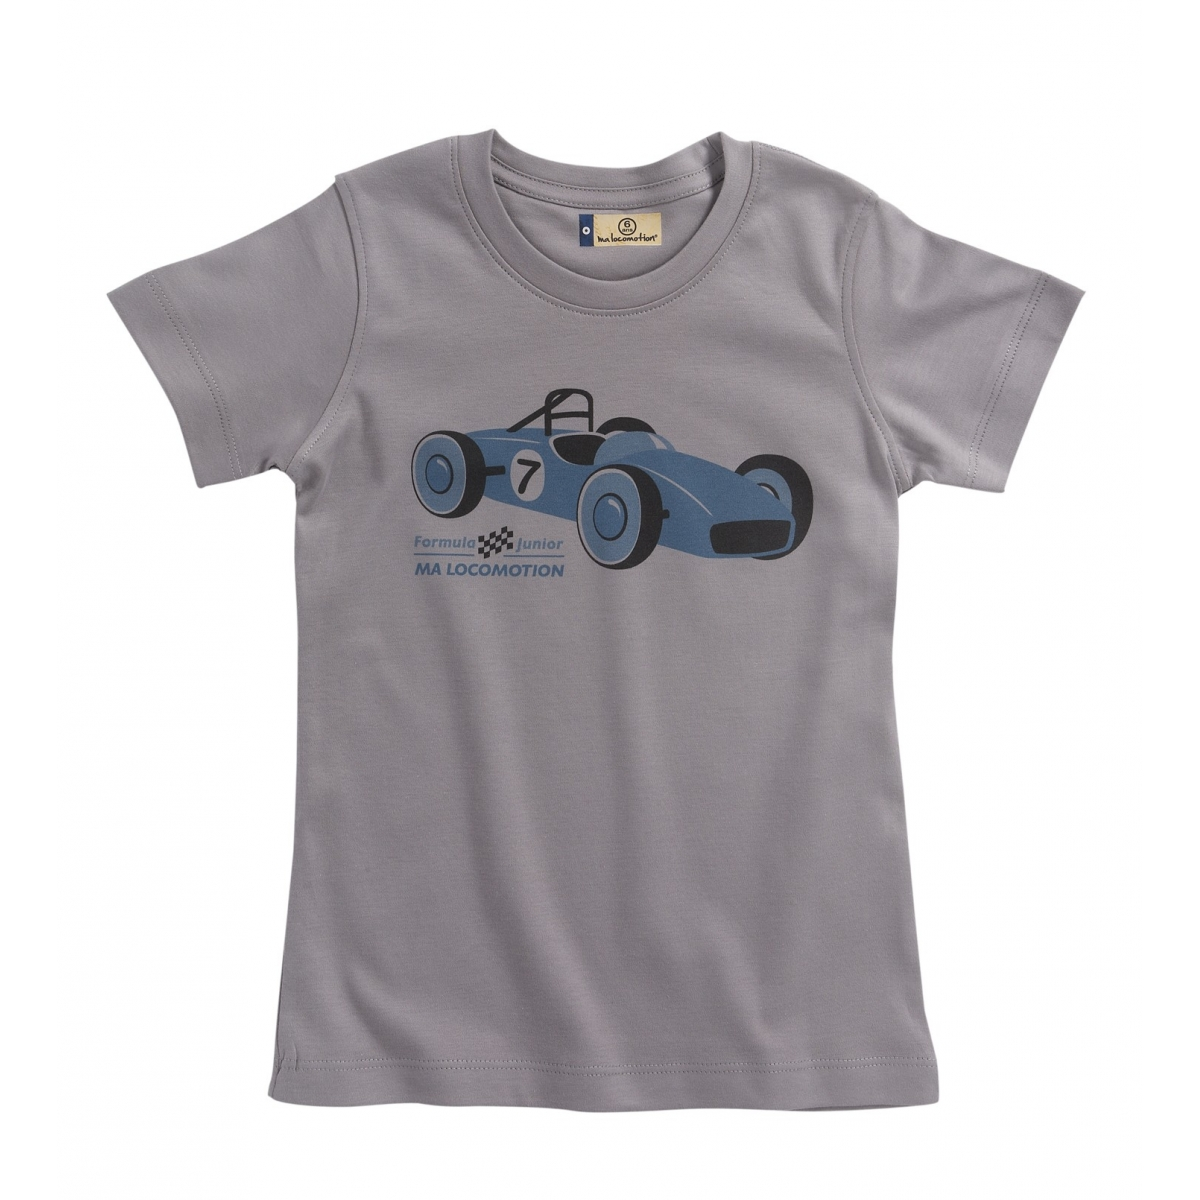 Le t-shirt Formula Junior  gris pale